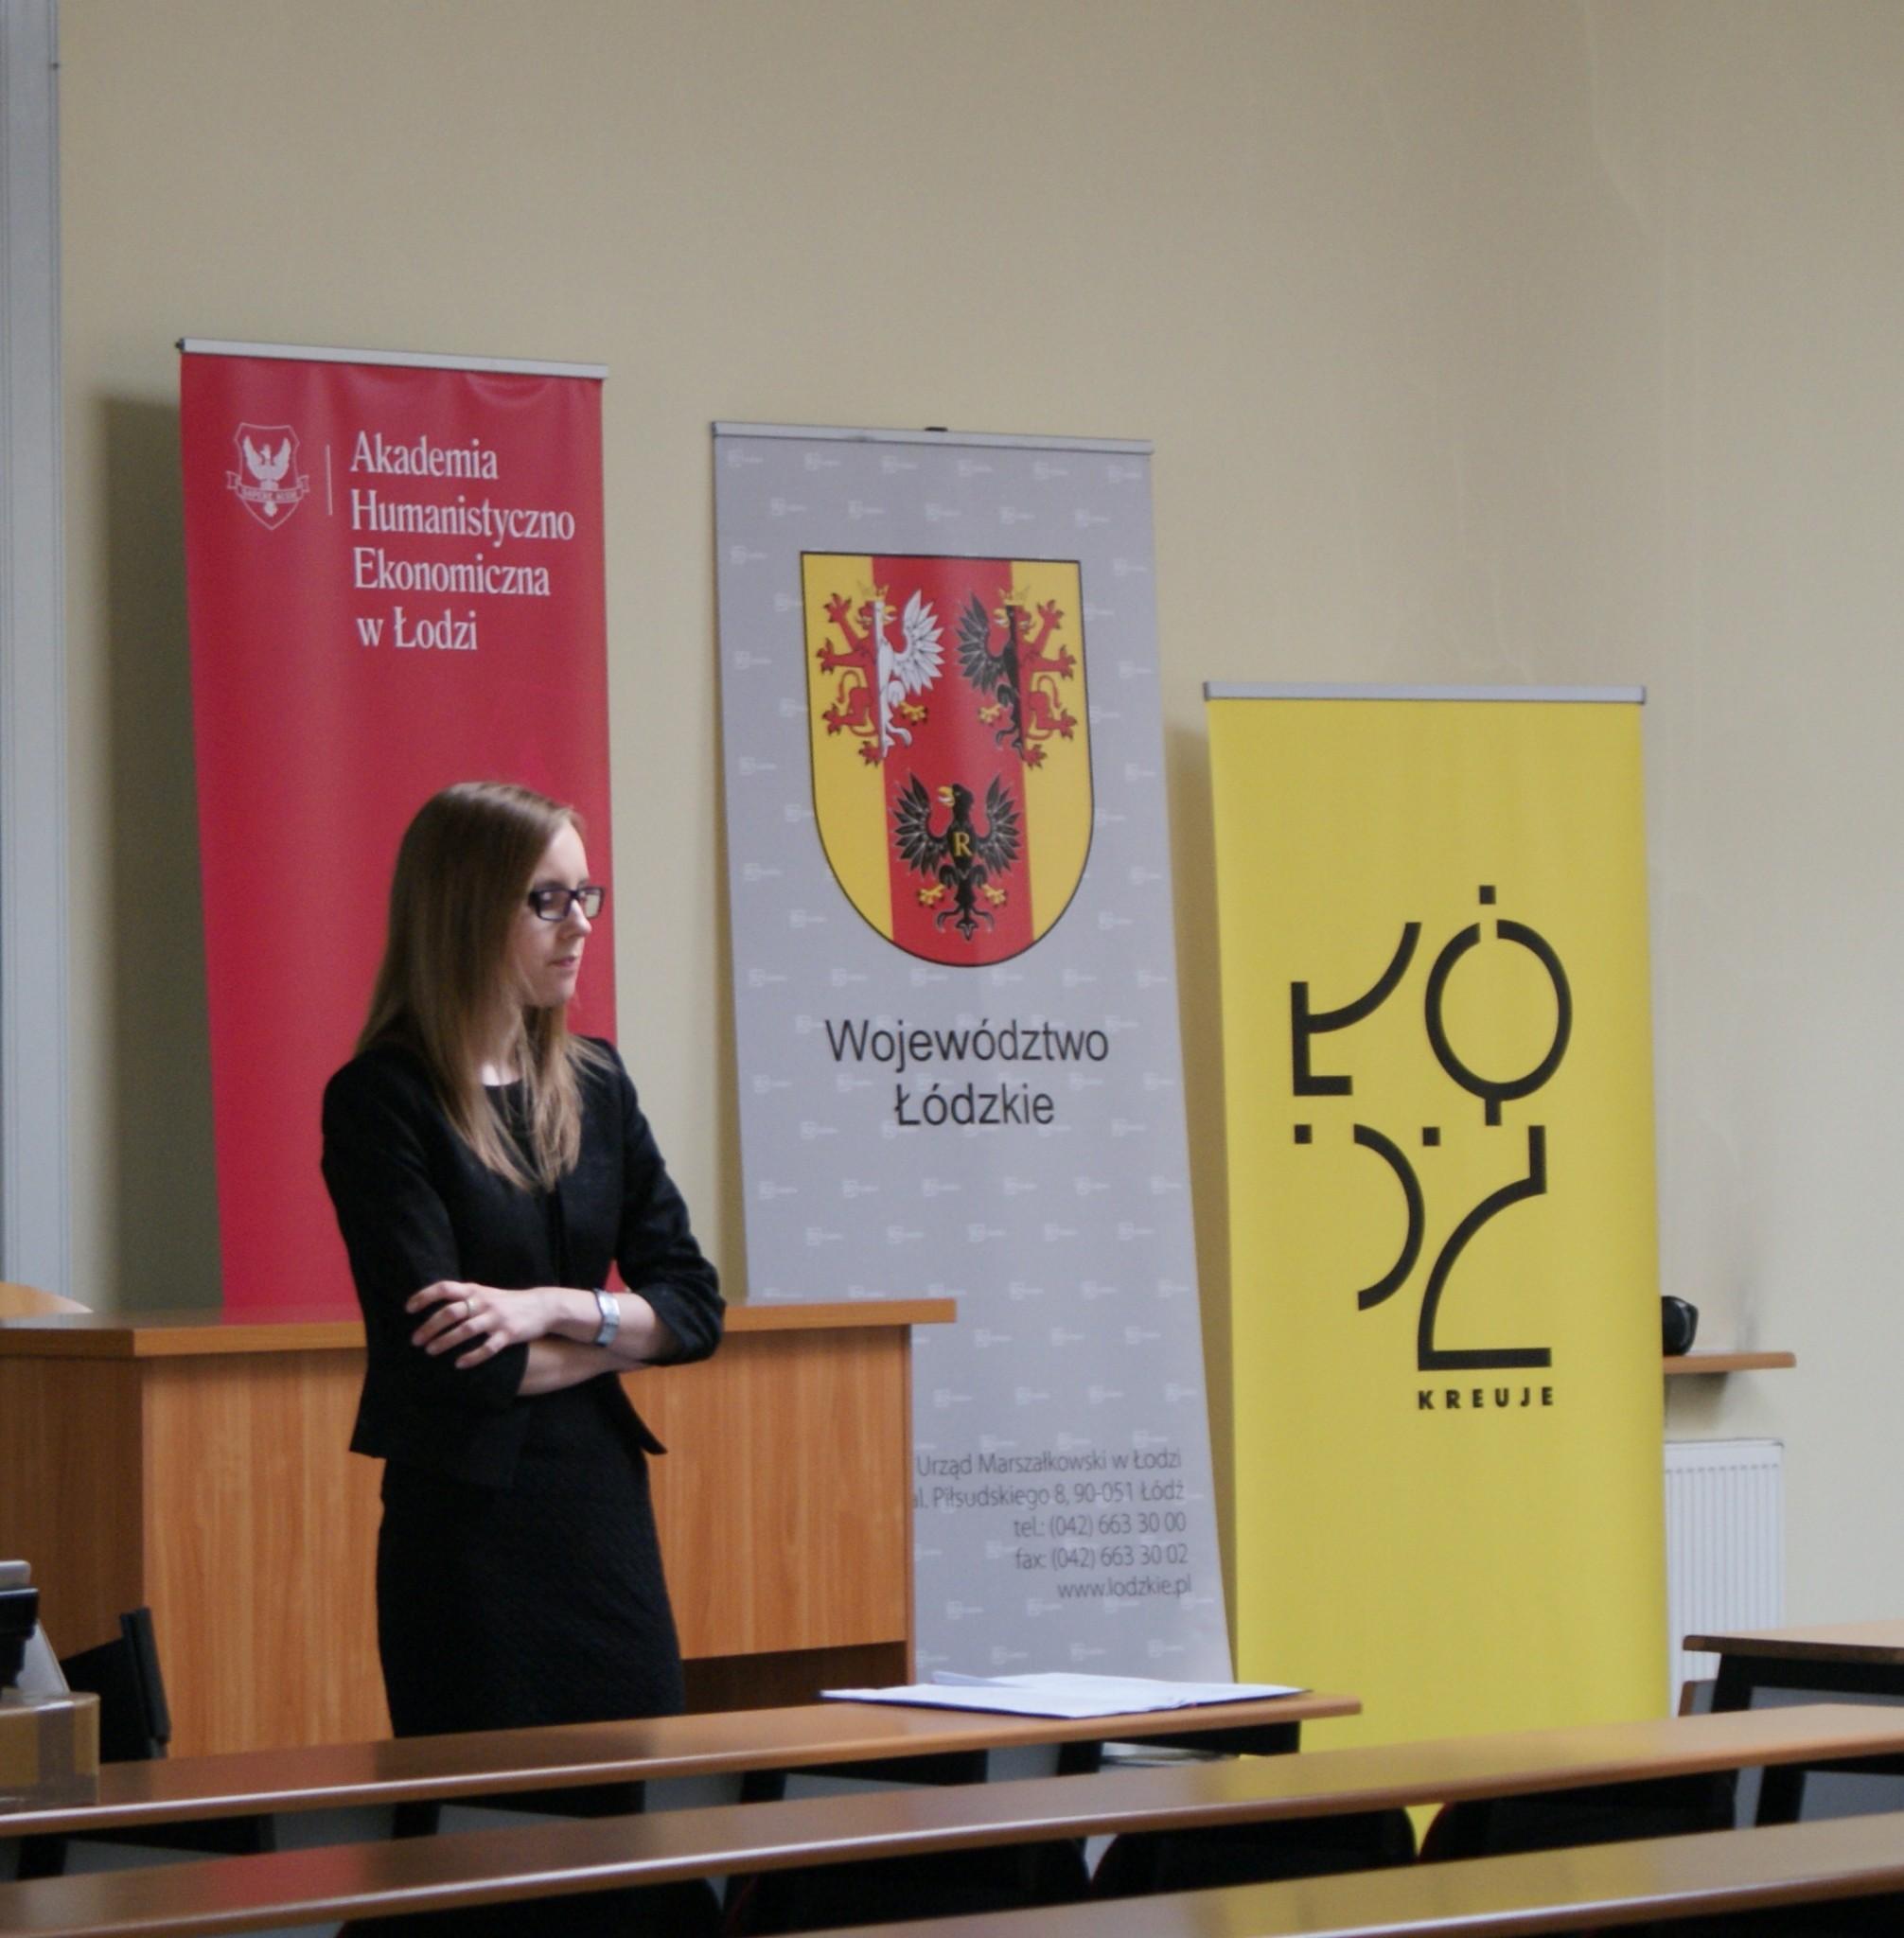 Sesja plenarna Dziennikarstwo w Polsce, prowadzący dr Marek Palczewski